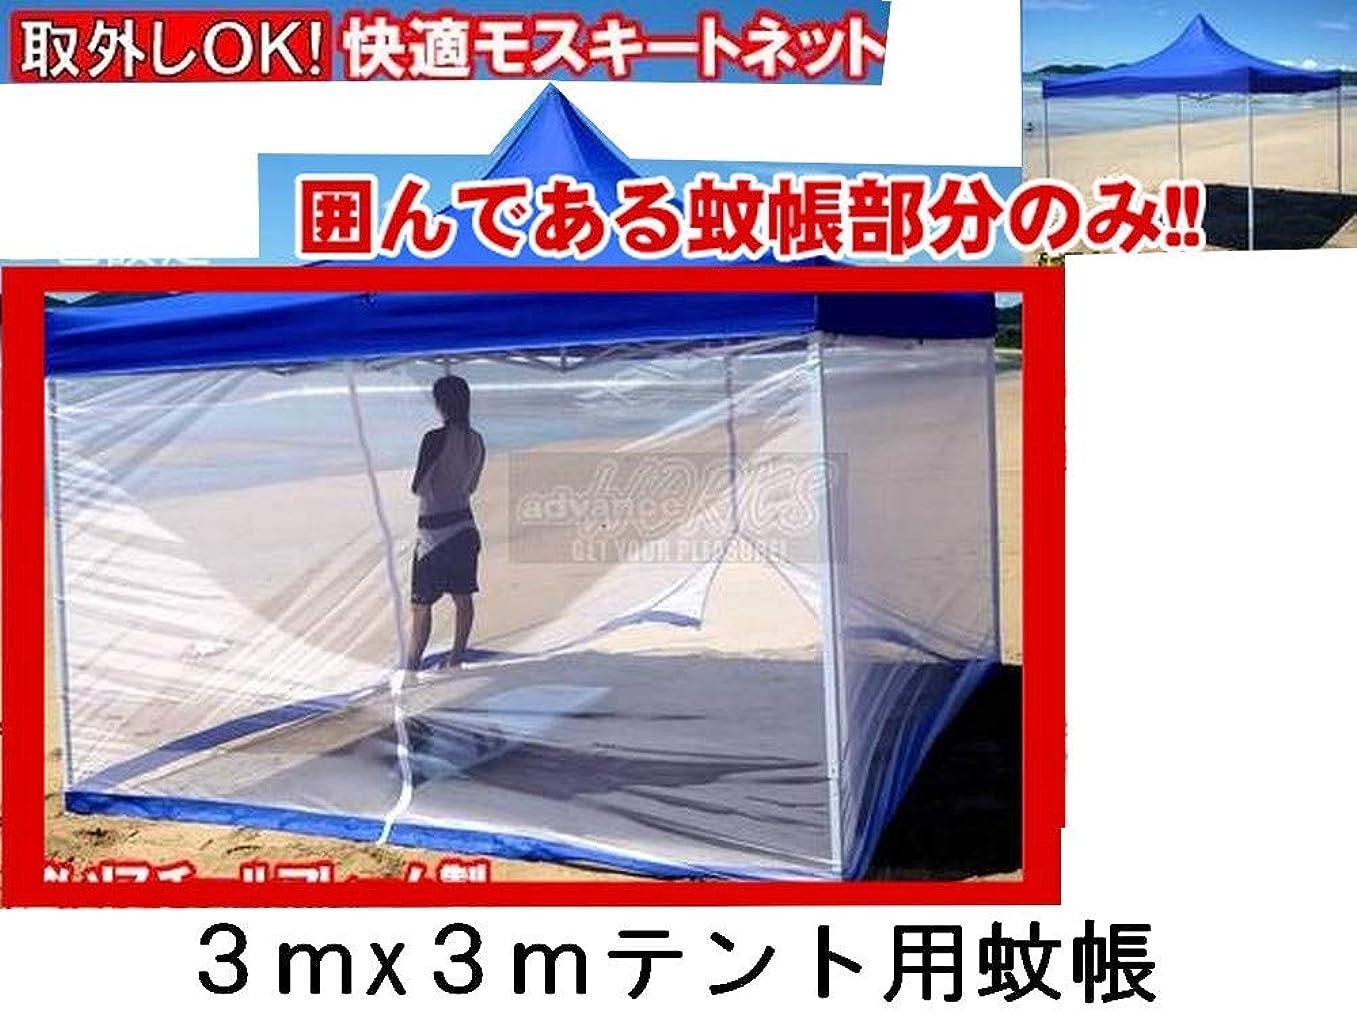 処分したのまたテント用蚊帳 12m 横幕 モスキートネット 3m×3mテント用 メッシュスクリーン